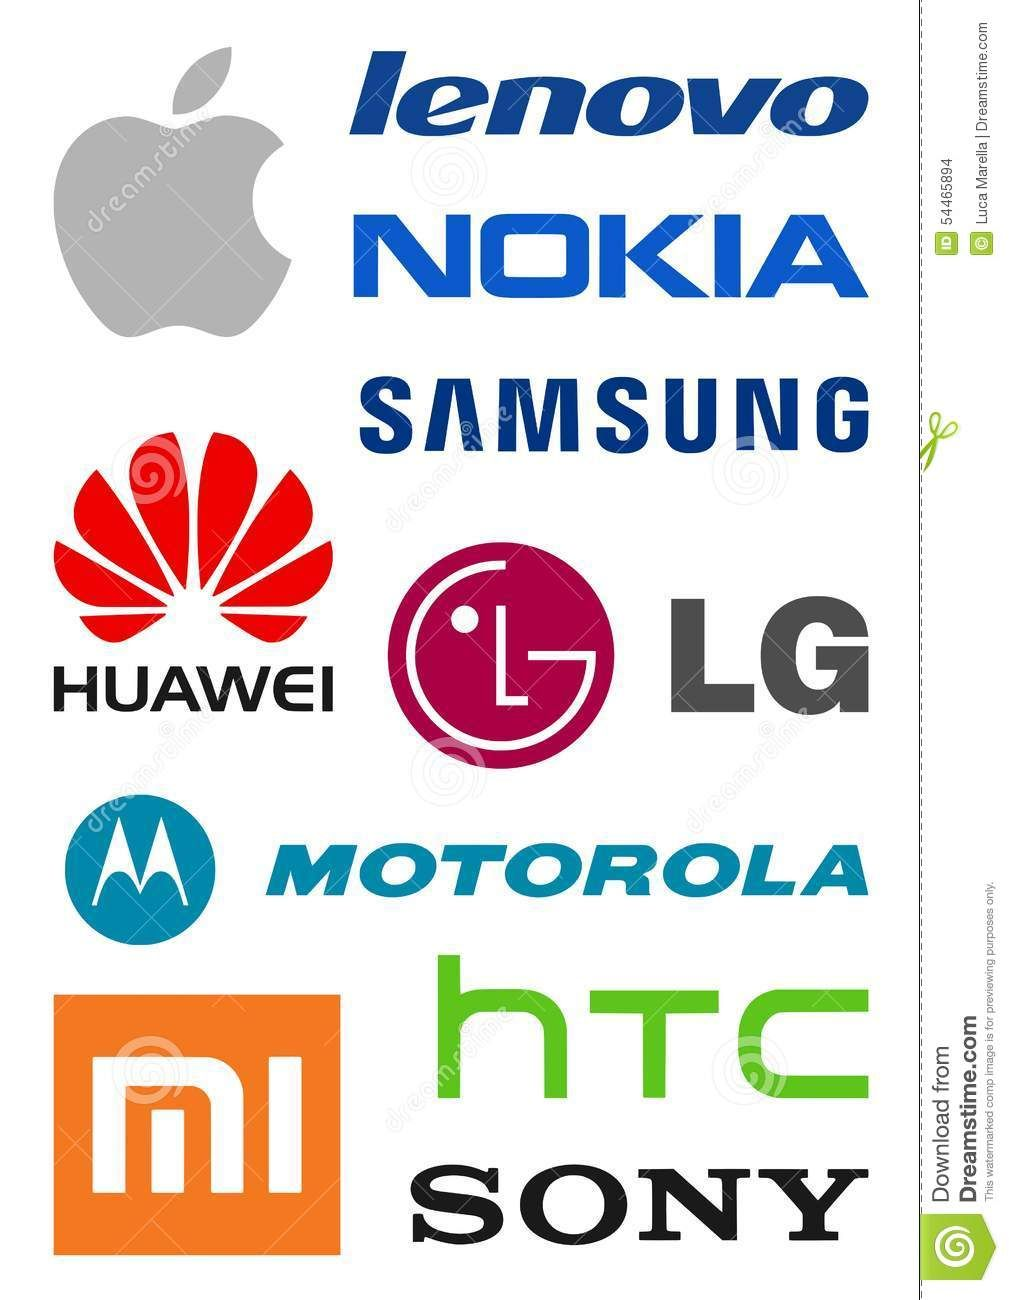 Pin by Vivek Sahu on Mono Logos